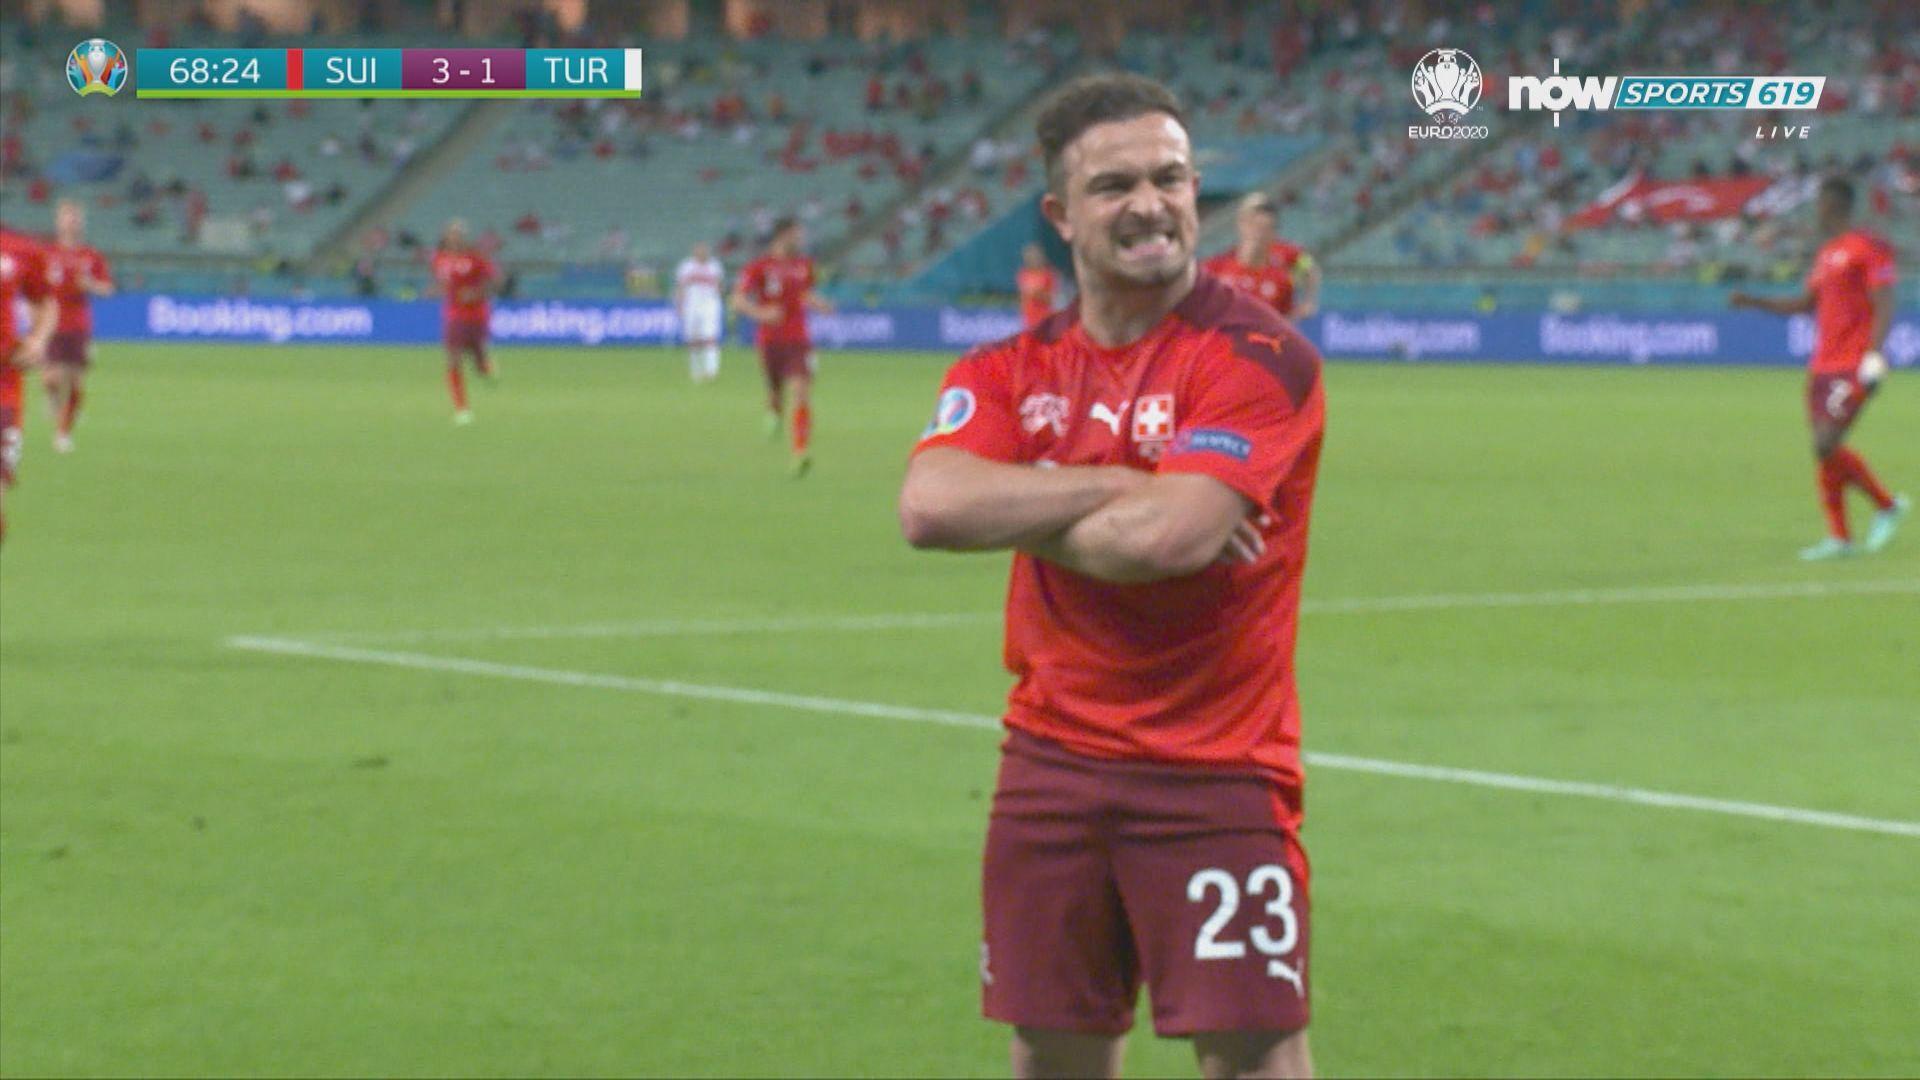 歐國盃 瑞士3:1土耳其